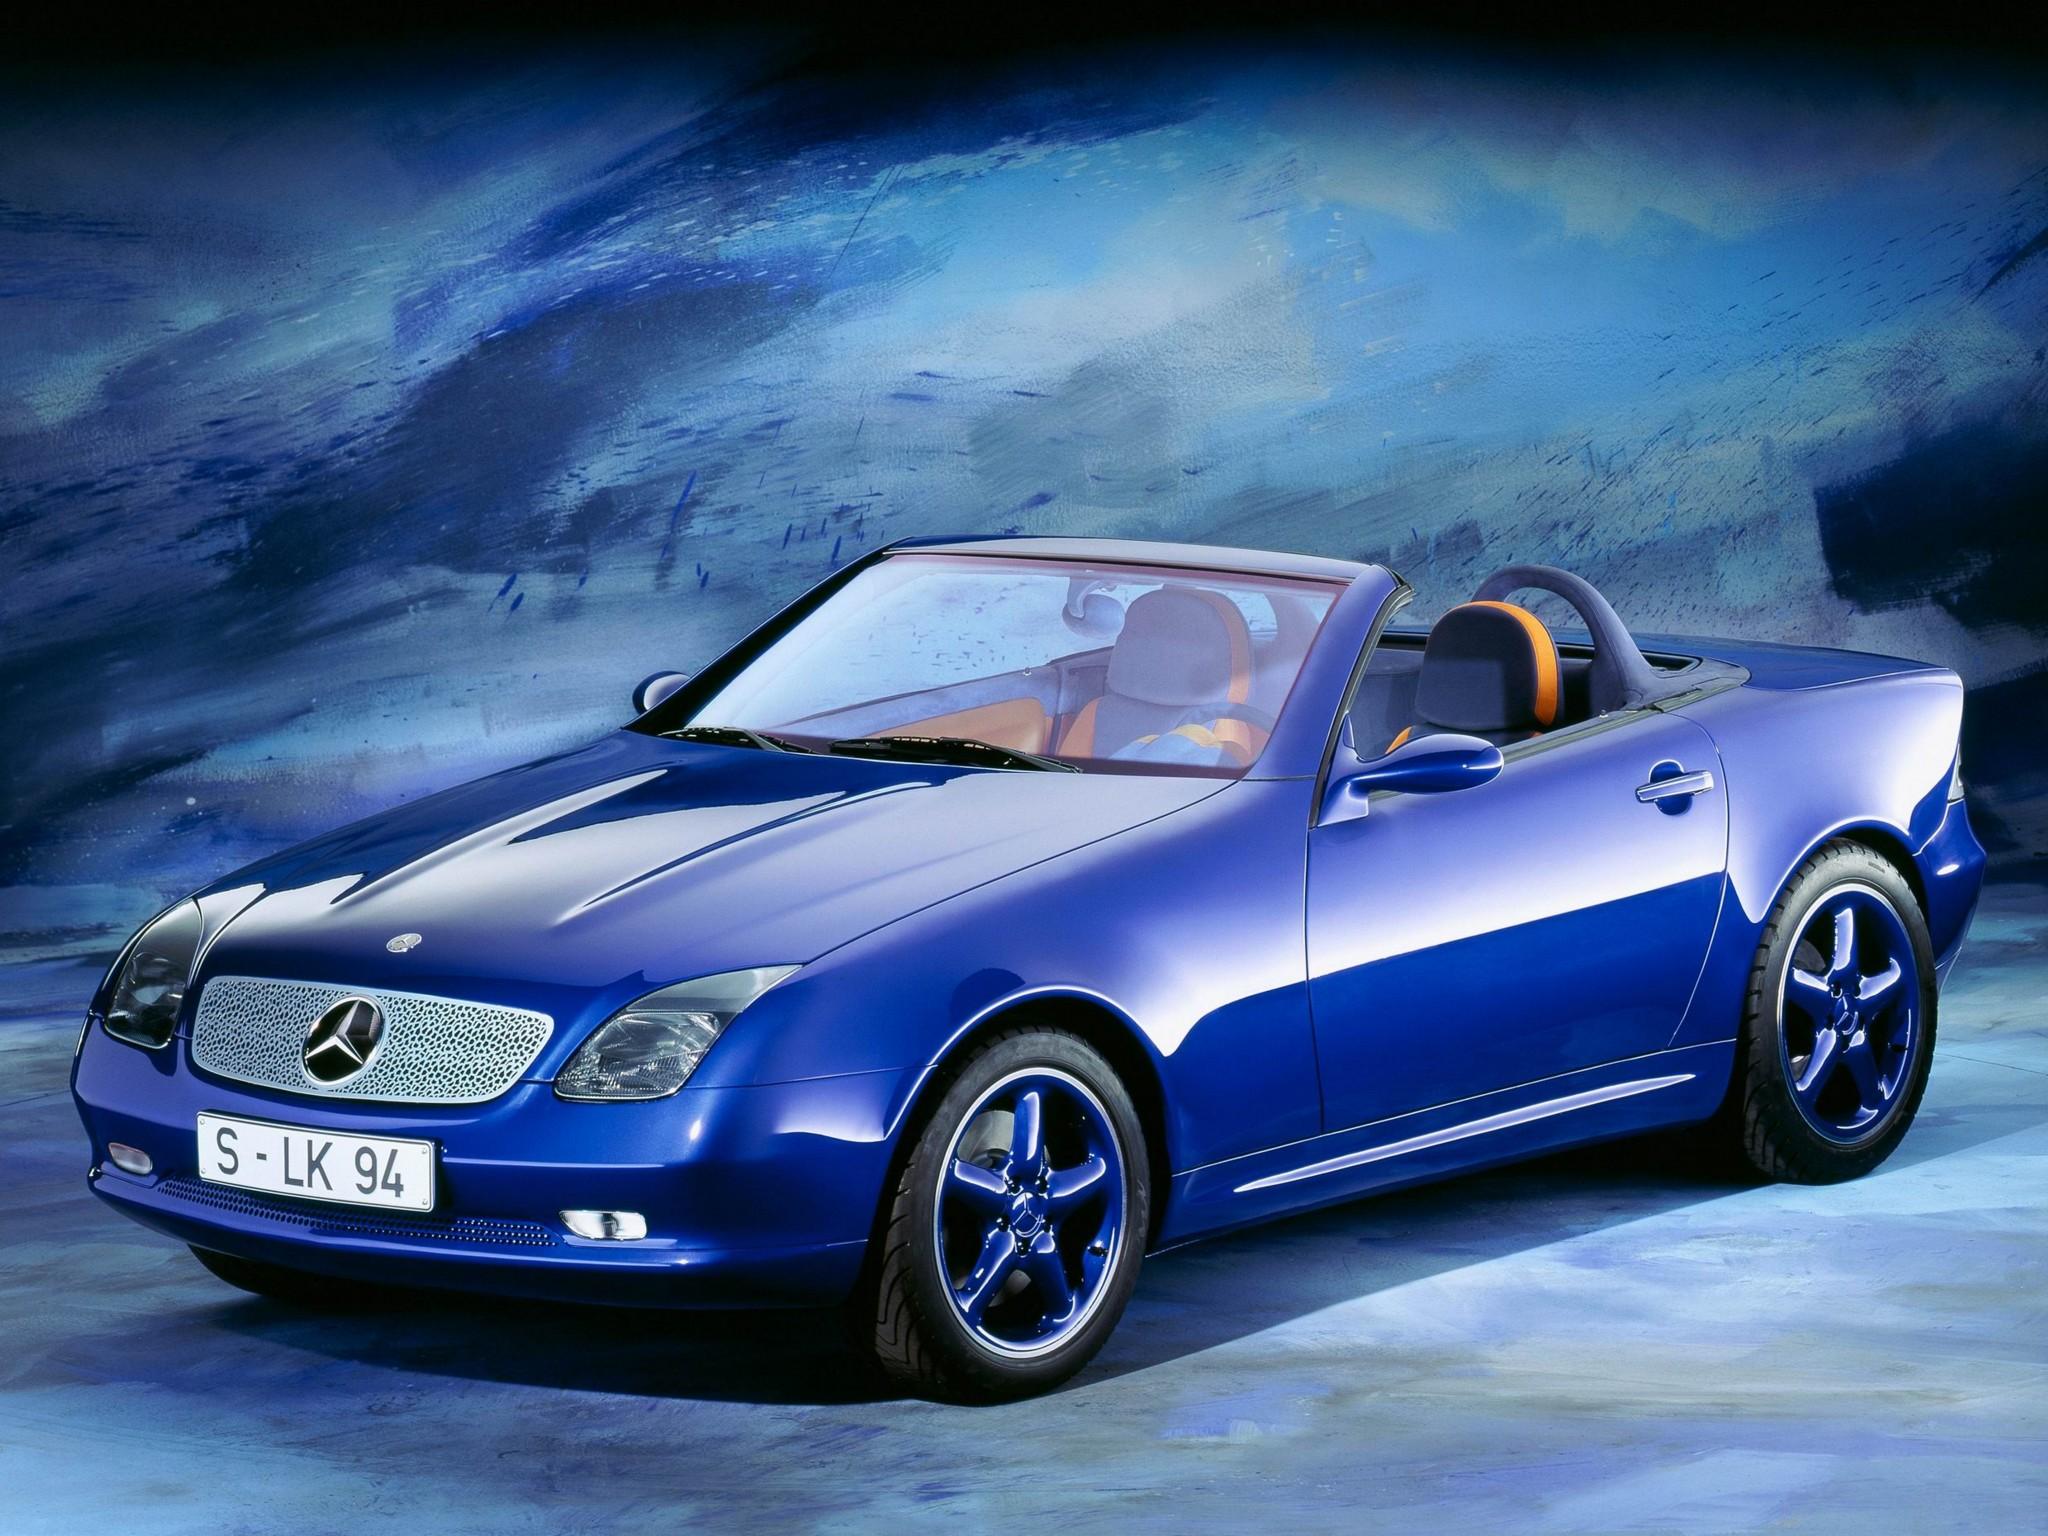 Mercedes Benz Slk 2 Concept 1994 Old Concept Cars